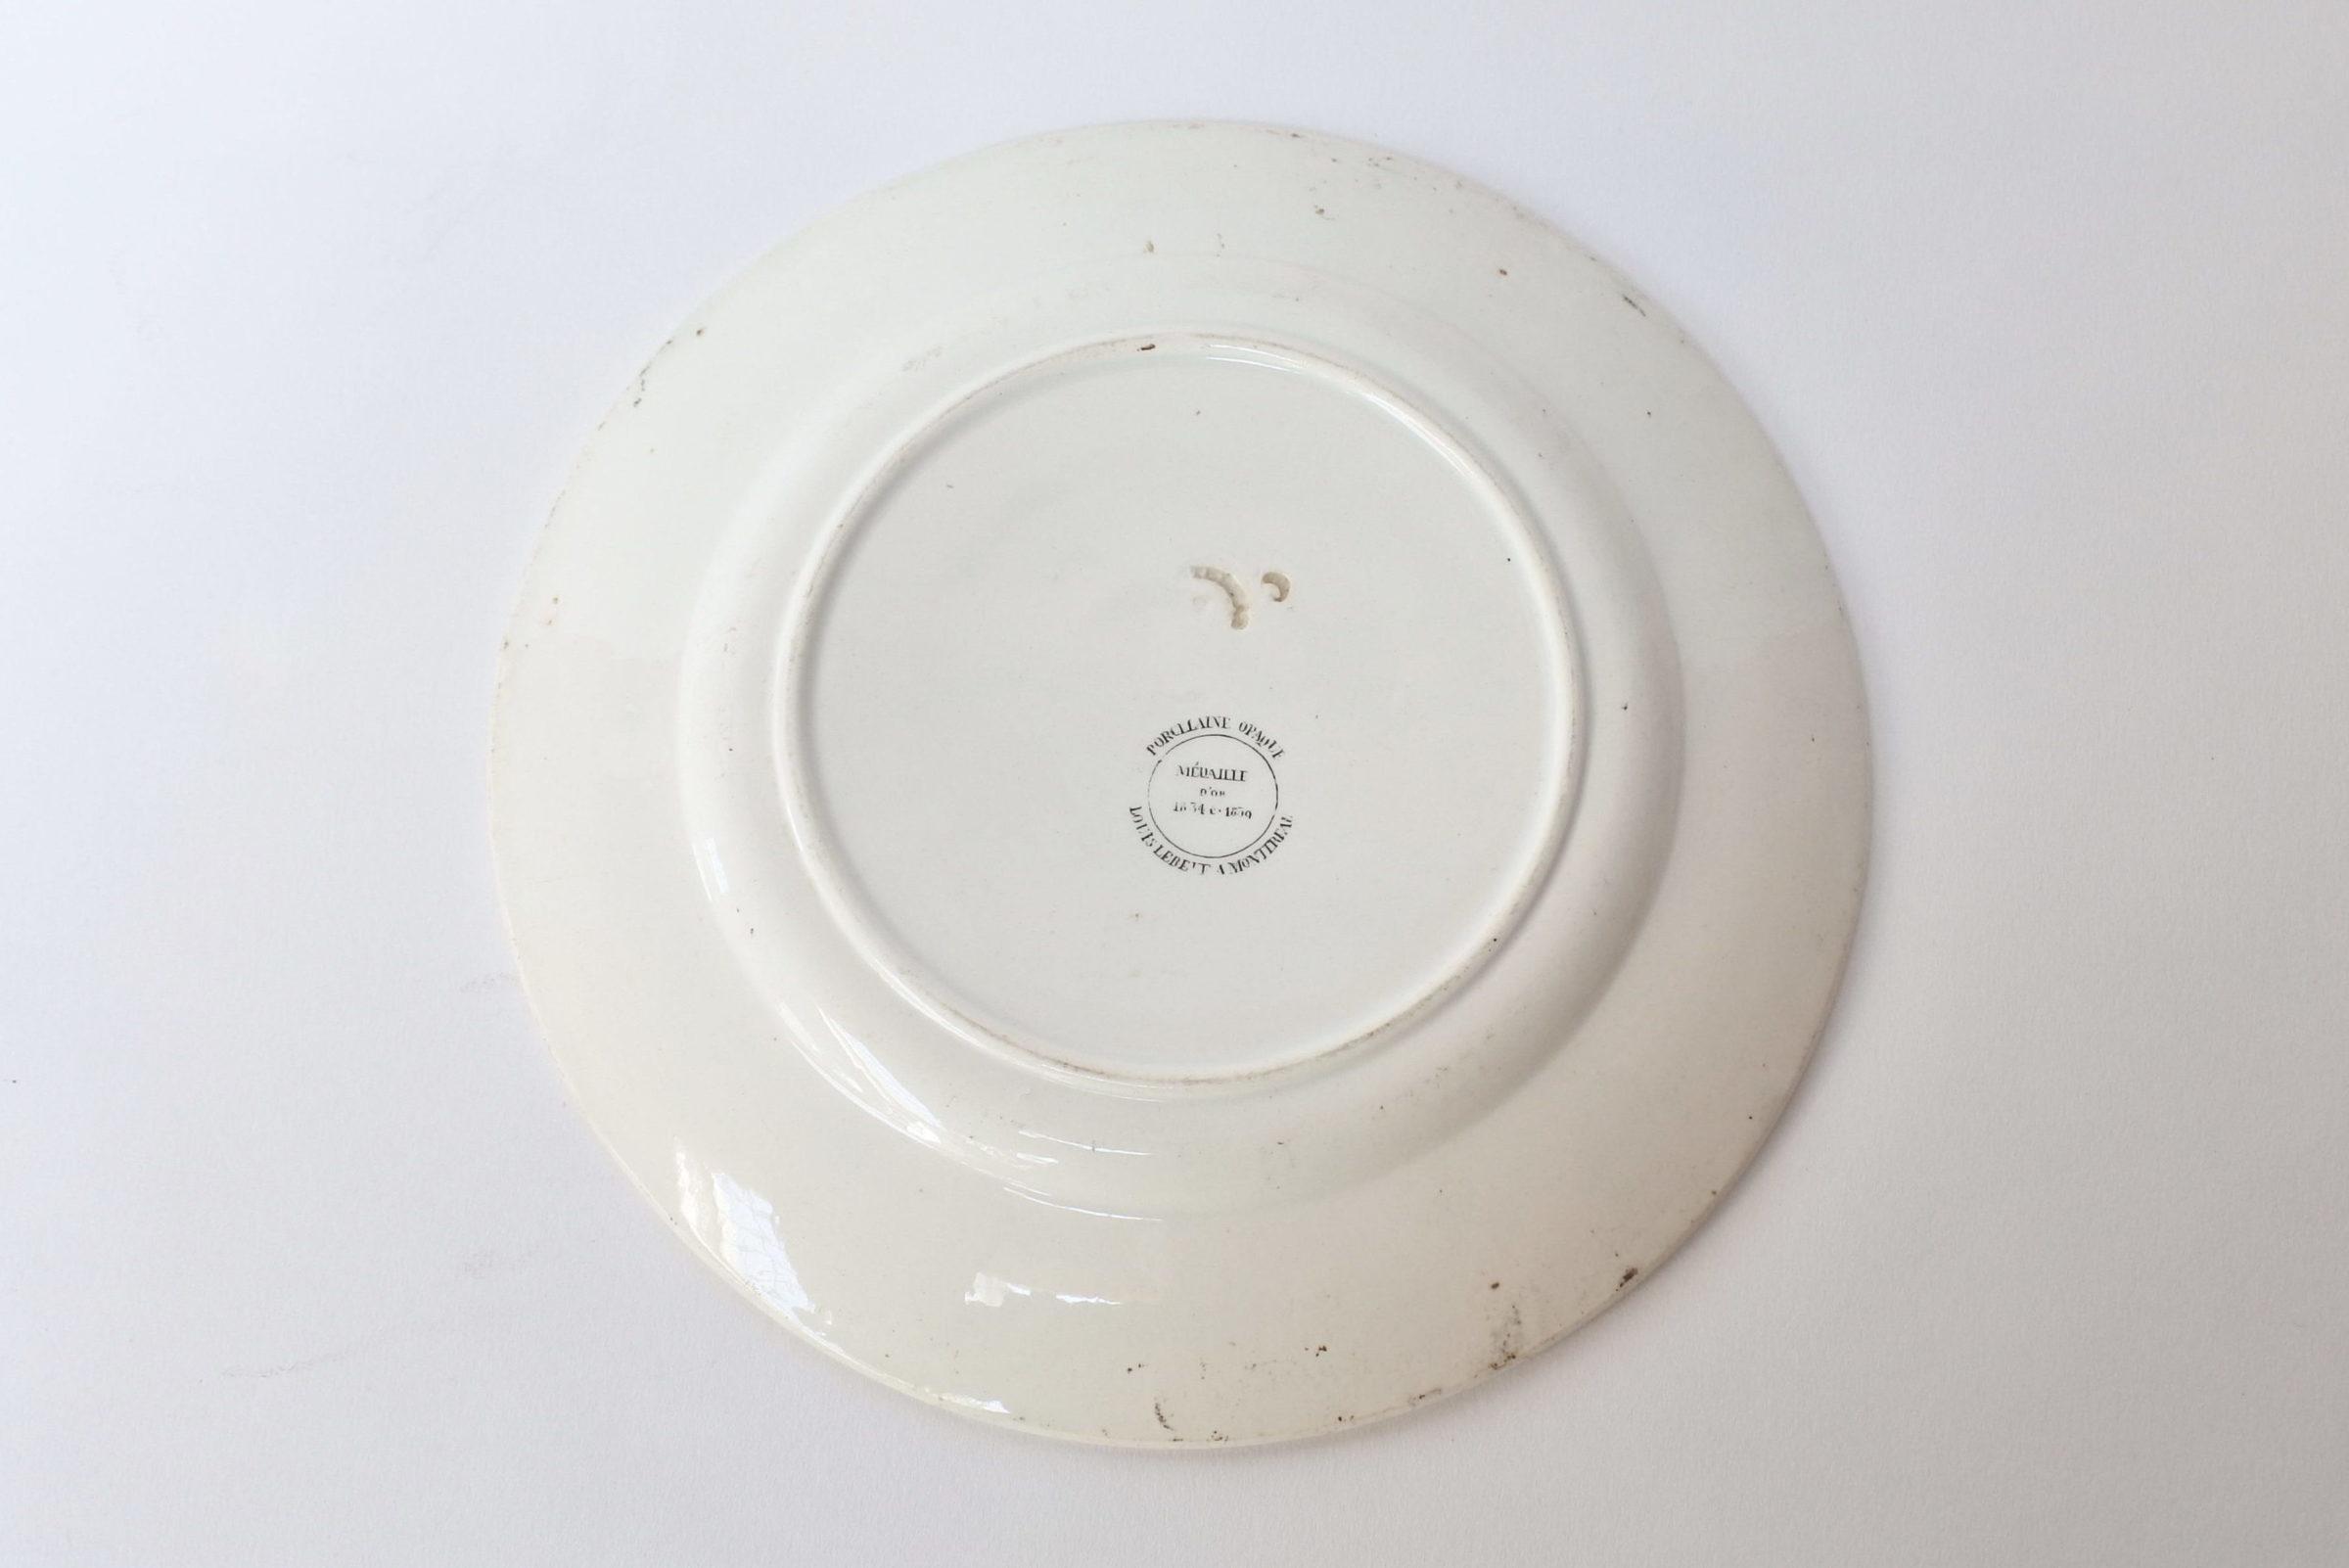 Piatto in ceramica con fascia nera decorato con rebus - 2